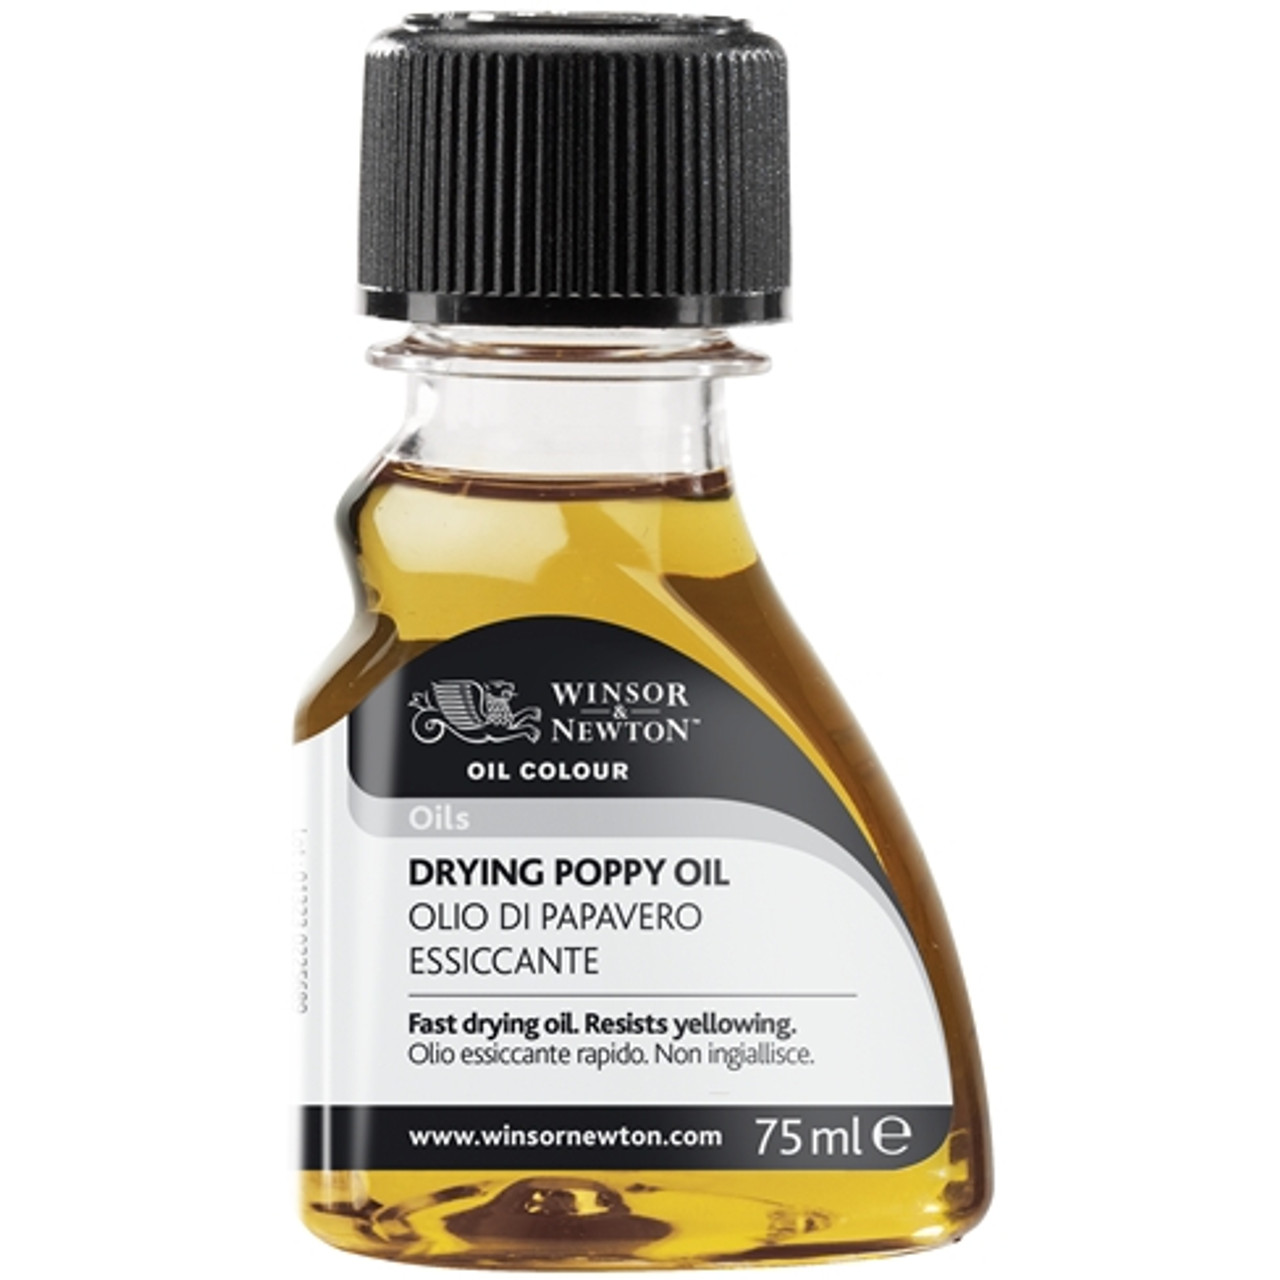 Drying Poppy Oil, 75ml